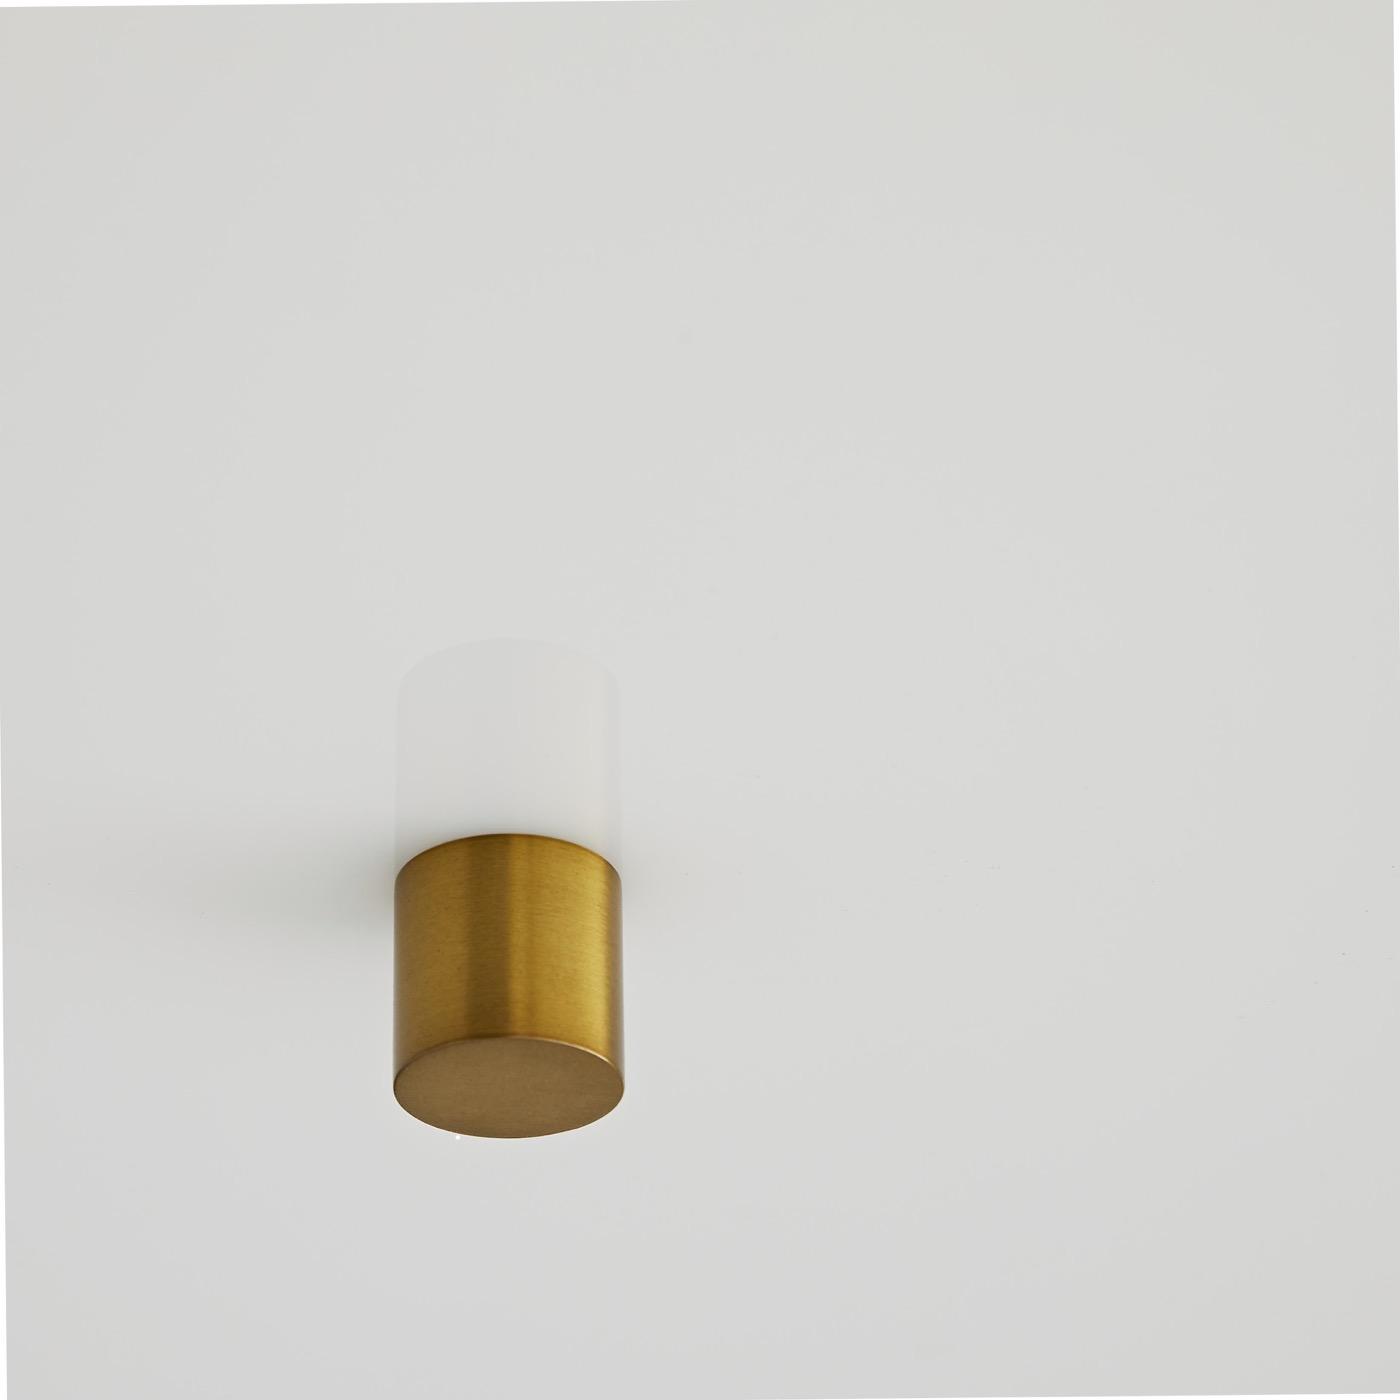 Darso Semi-Flush Mount | Antique Brass